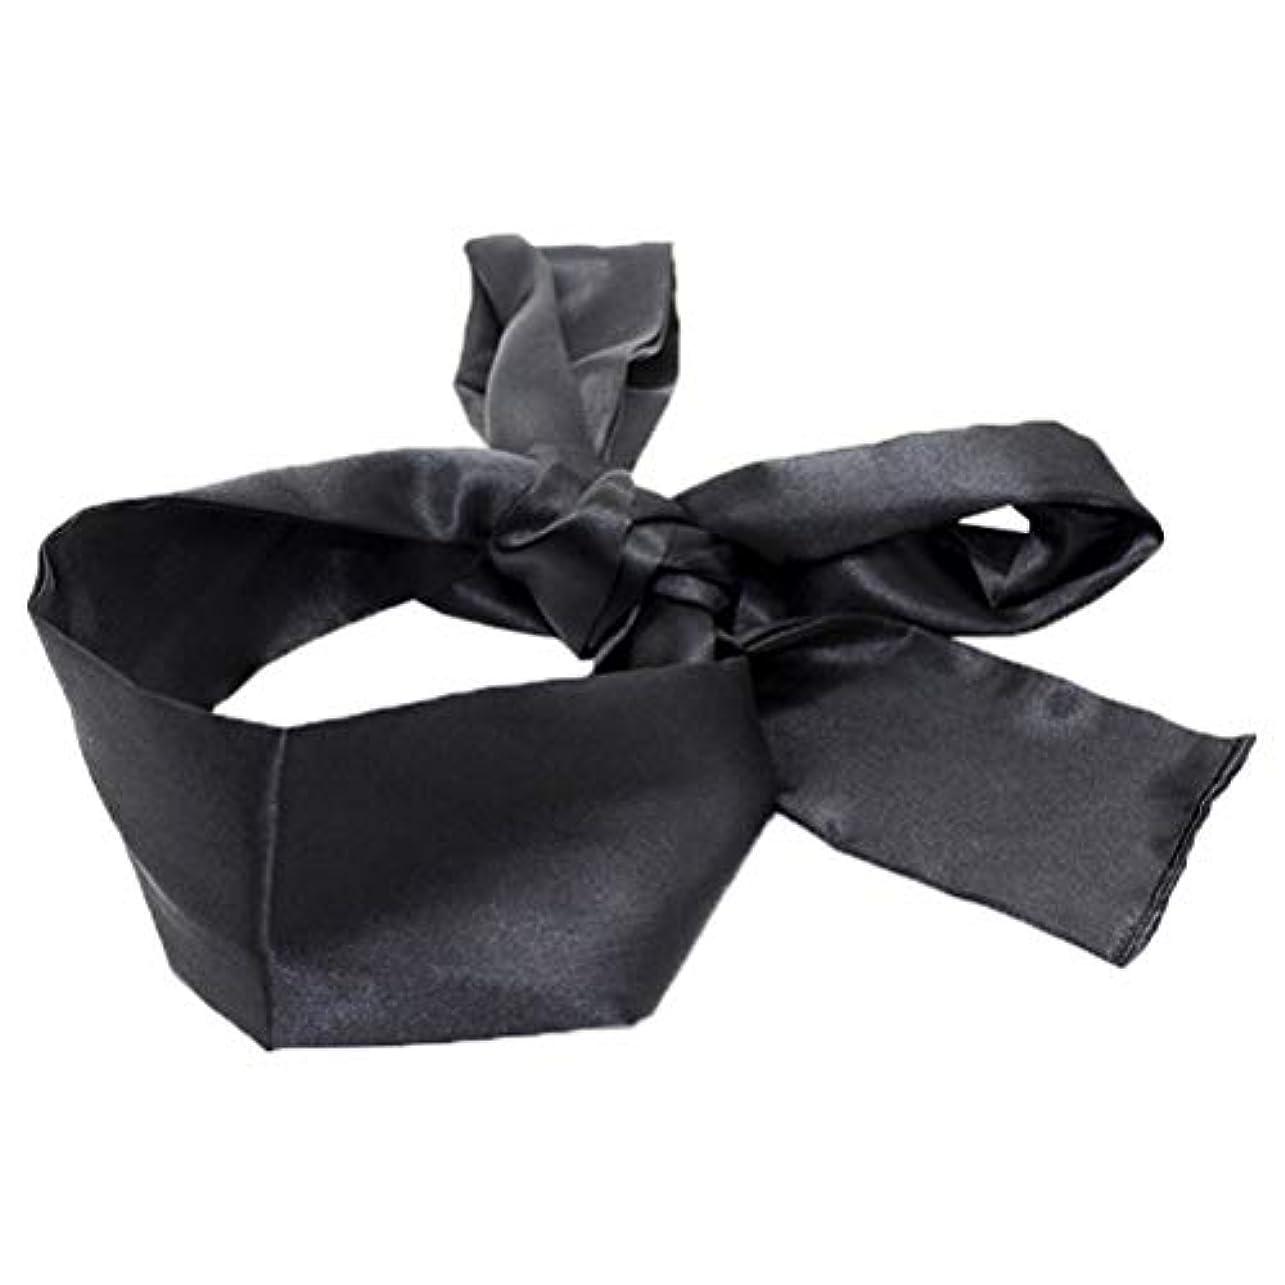 アラビア語回路大聖堂HEALIFTY 睡眠マスクホームトラベルコスチューム小道具(ブラック)用サテン目隠しソフト快適なアイマスクバンドブラインダー